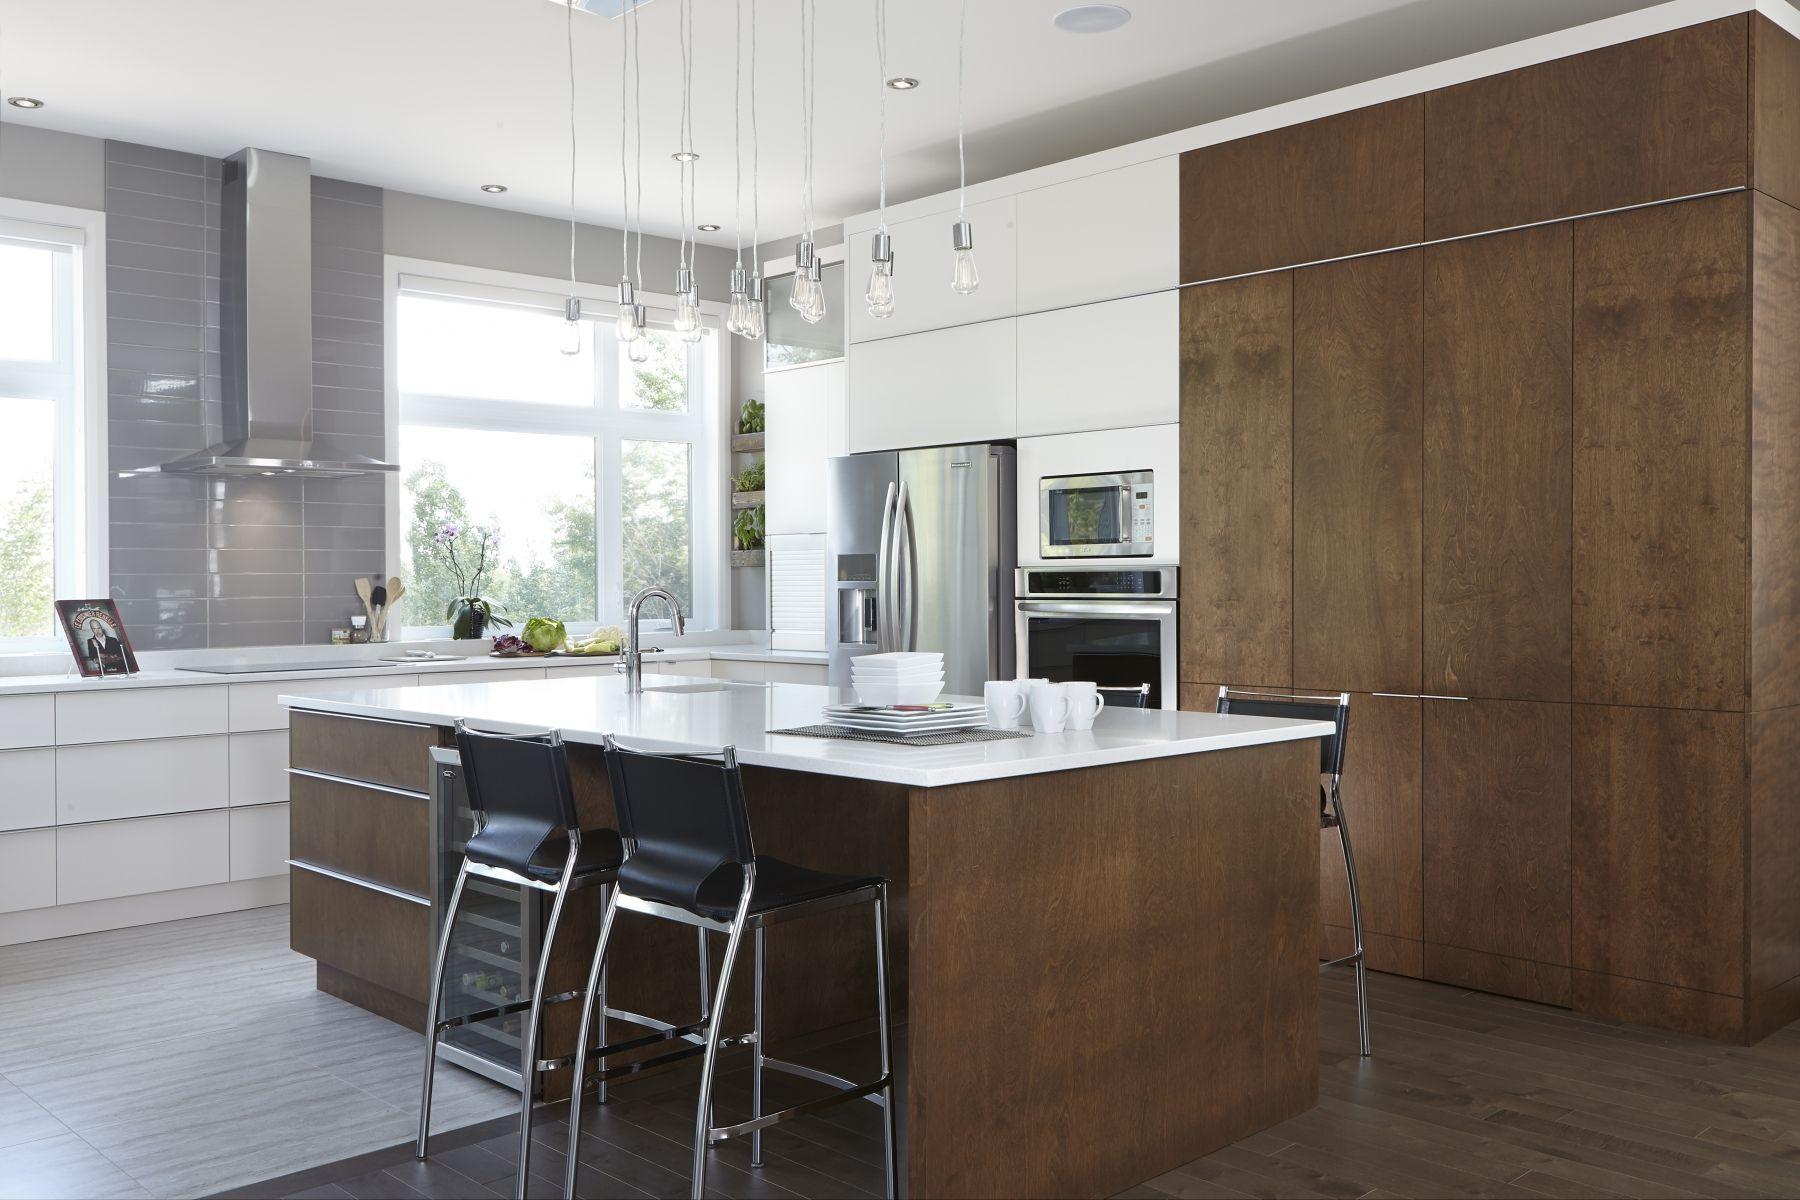 Projets D Architecture Et Design Interieur A Quebec Armoire De Cuisine Cuisine Moderne Cuisines Design